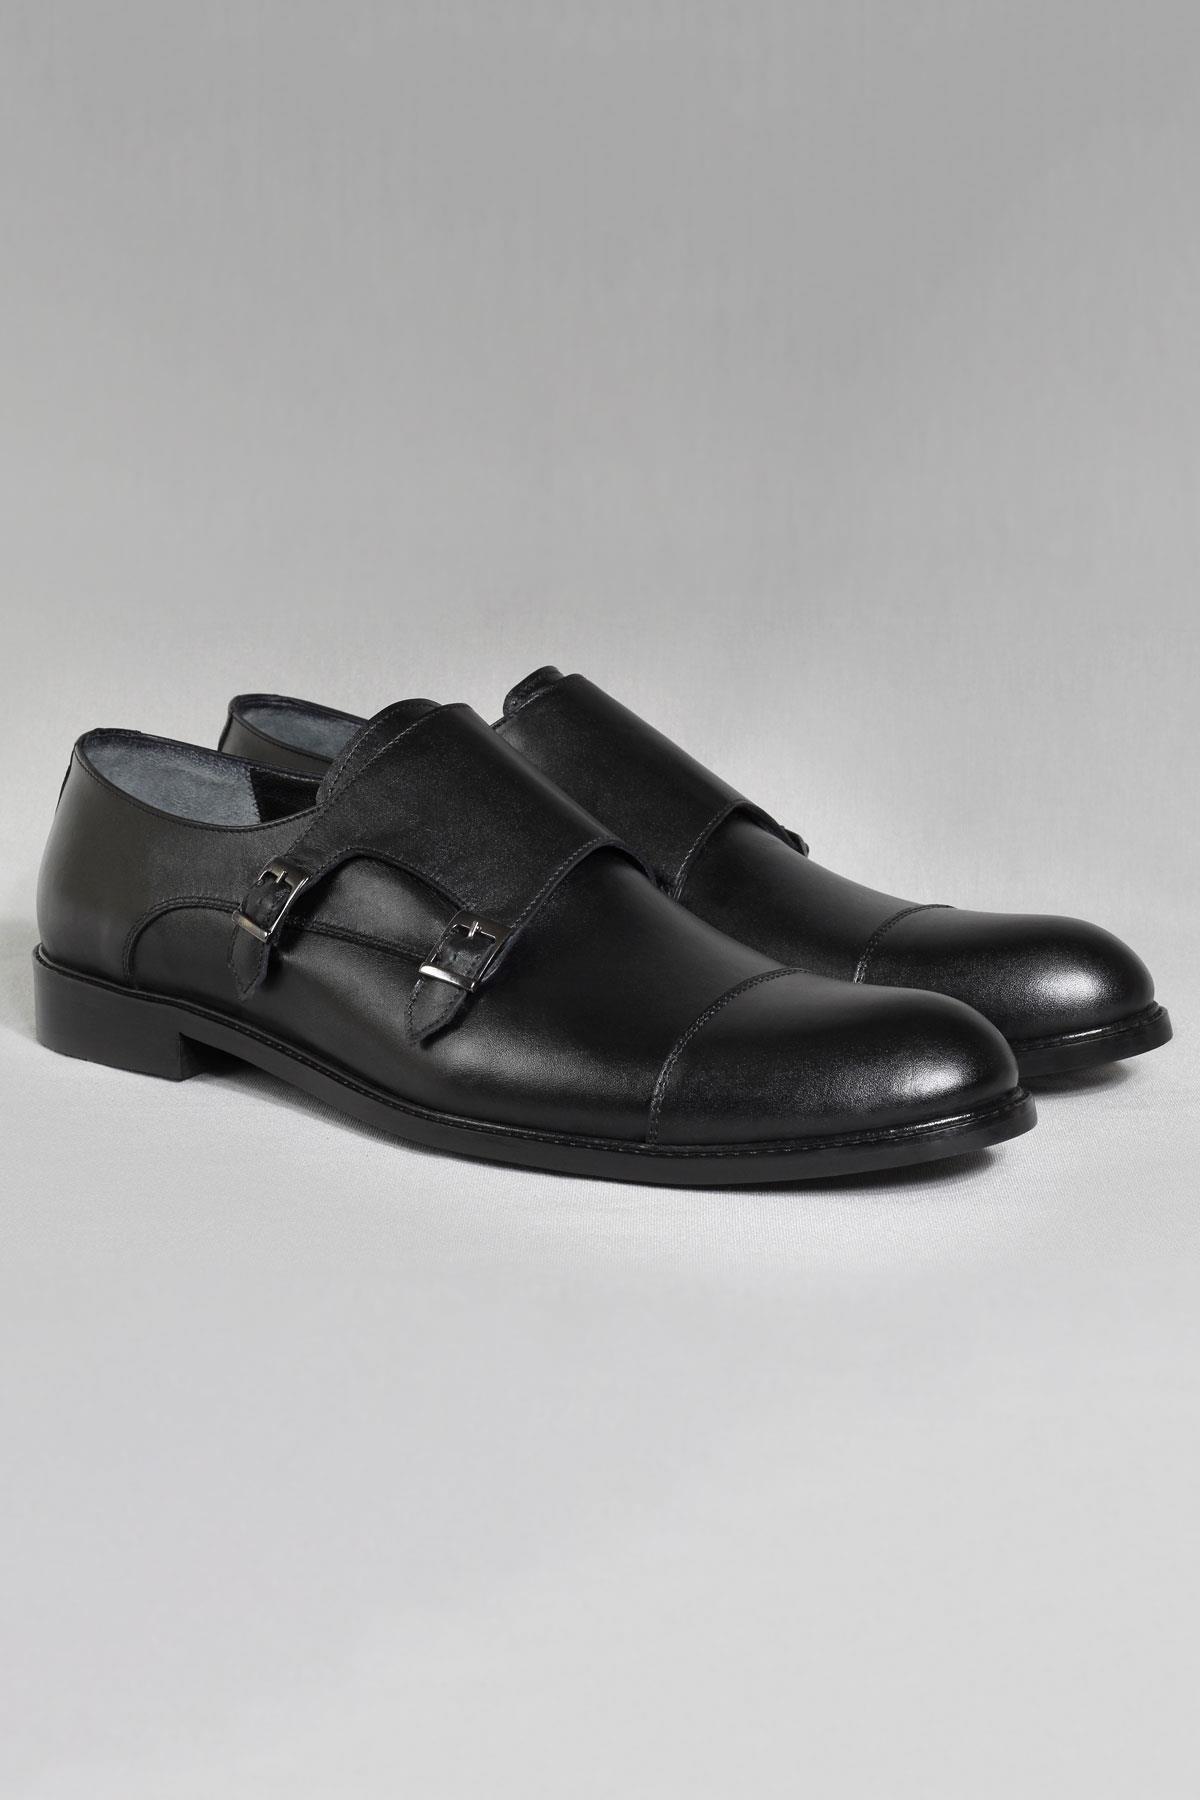 Buyuksun Hakiki Deri Çift Tokalı Klasik Ayakkabı Neolit Büyük Numara 36.123.17